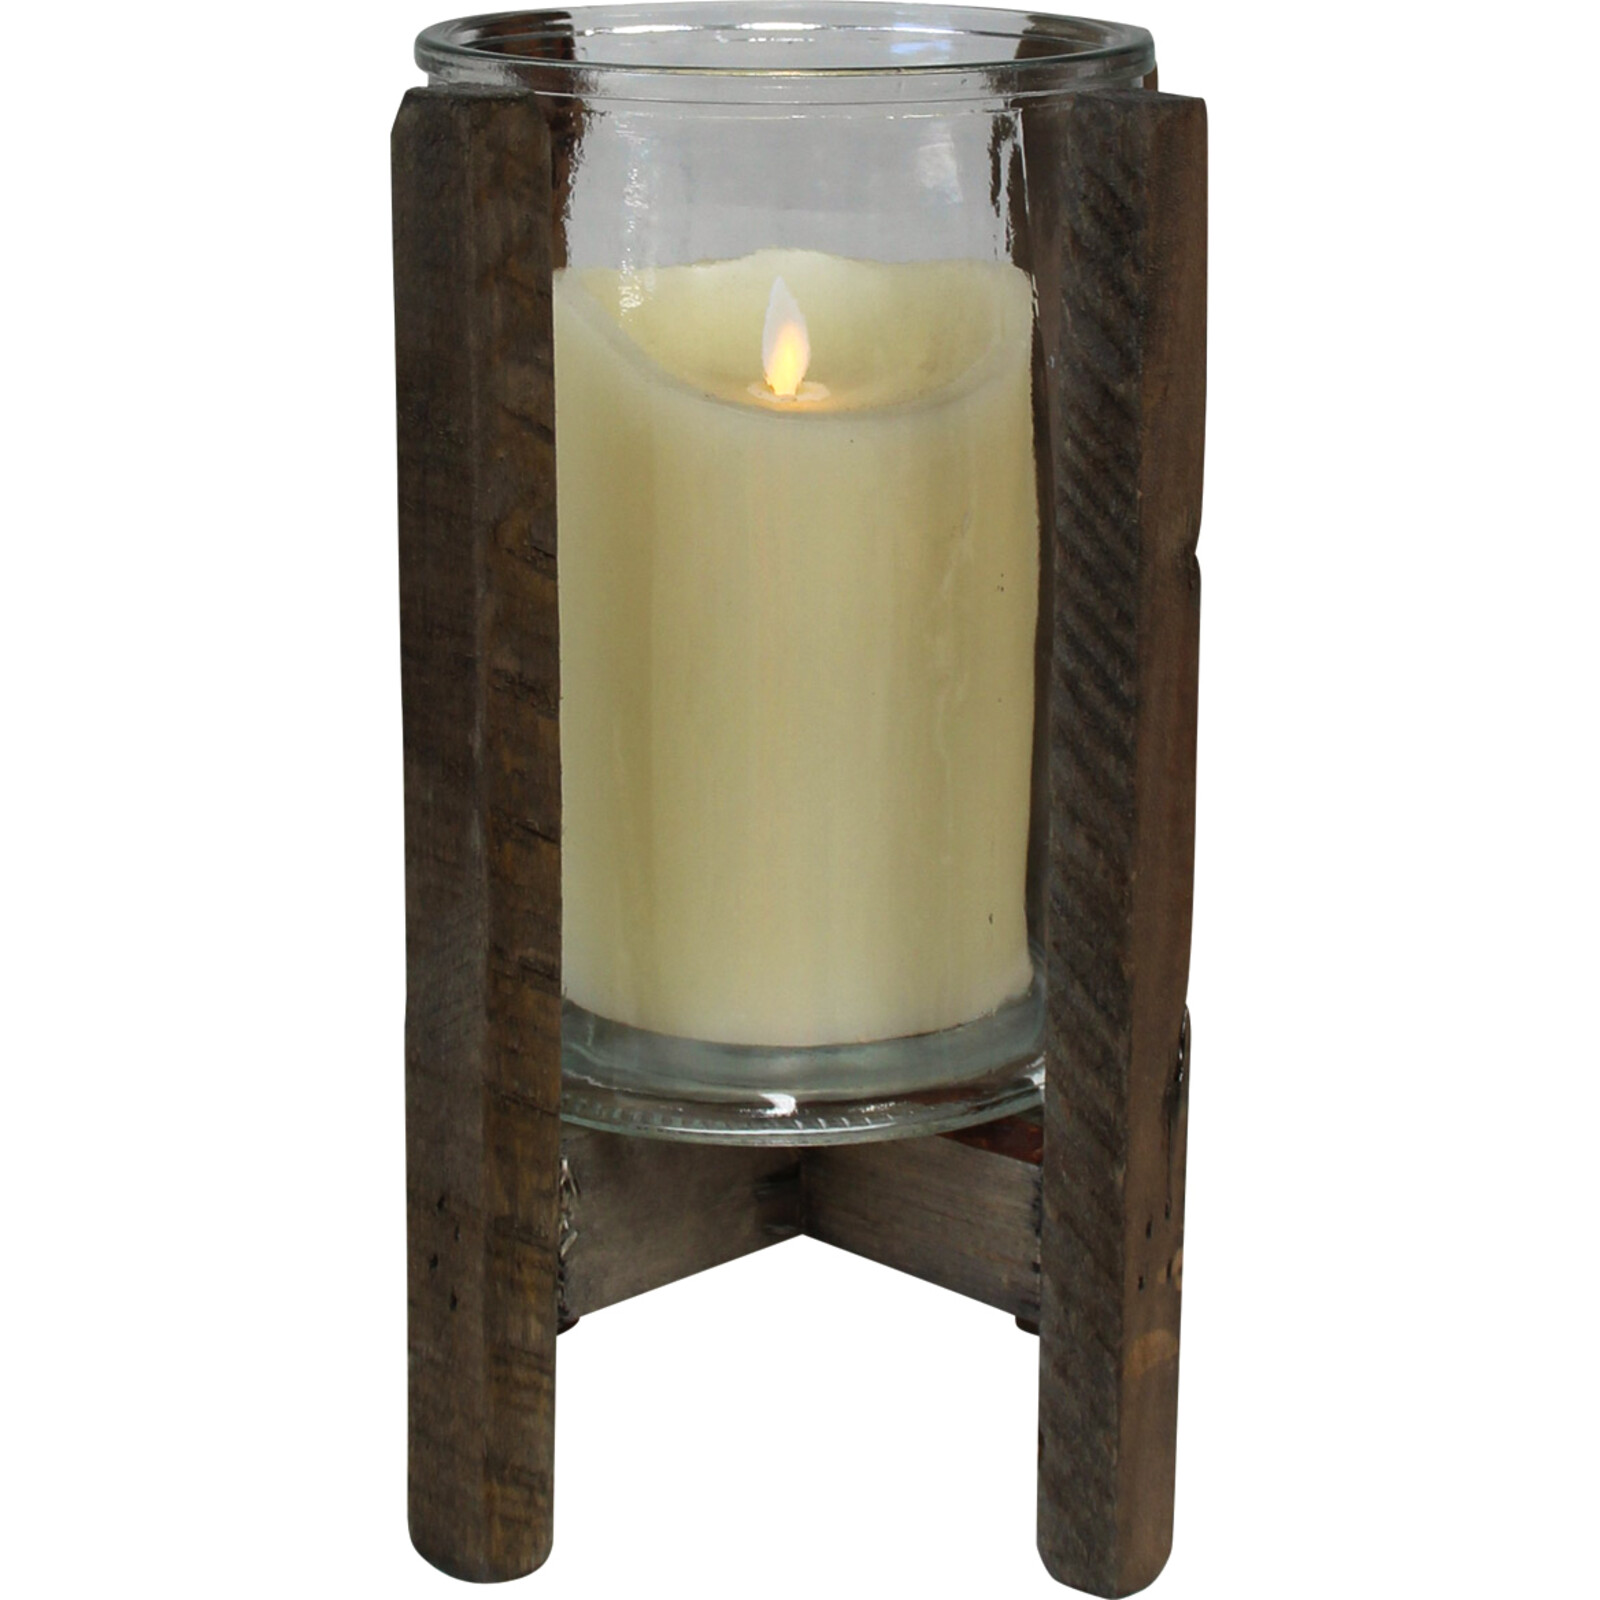 Candleholder Rustic Glass Lrg